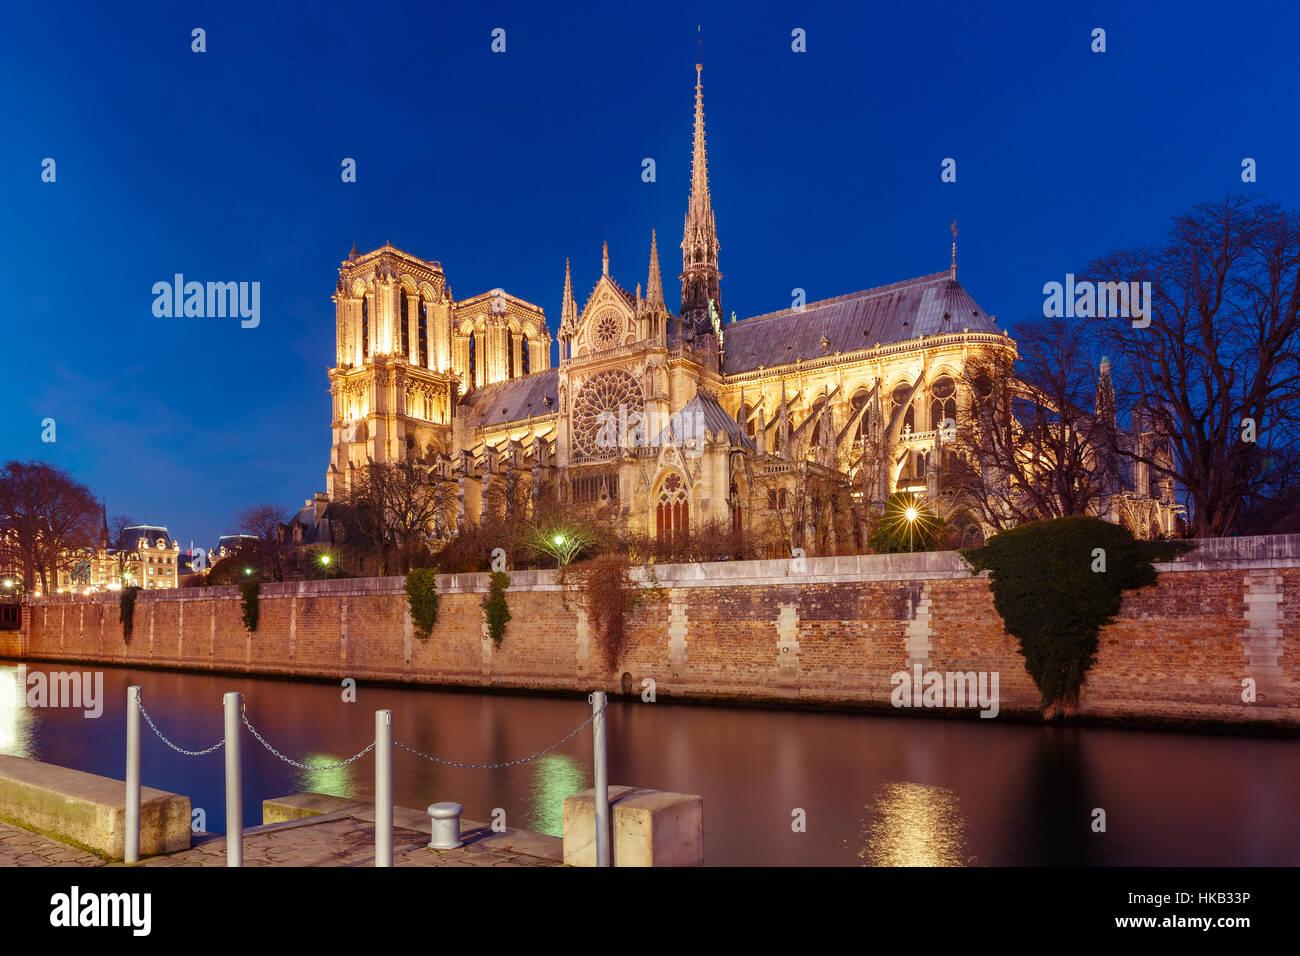 Catedral de Notre Dame de París por la noche, Francia Imagen De Stock